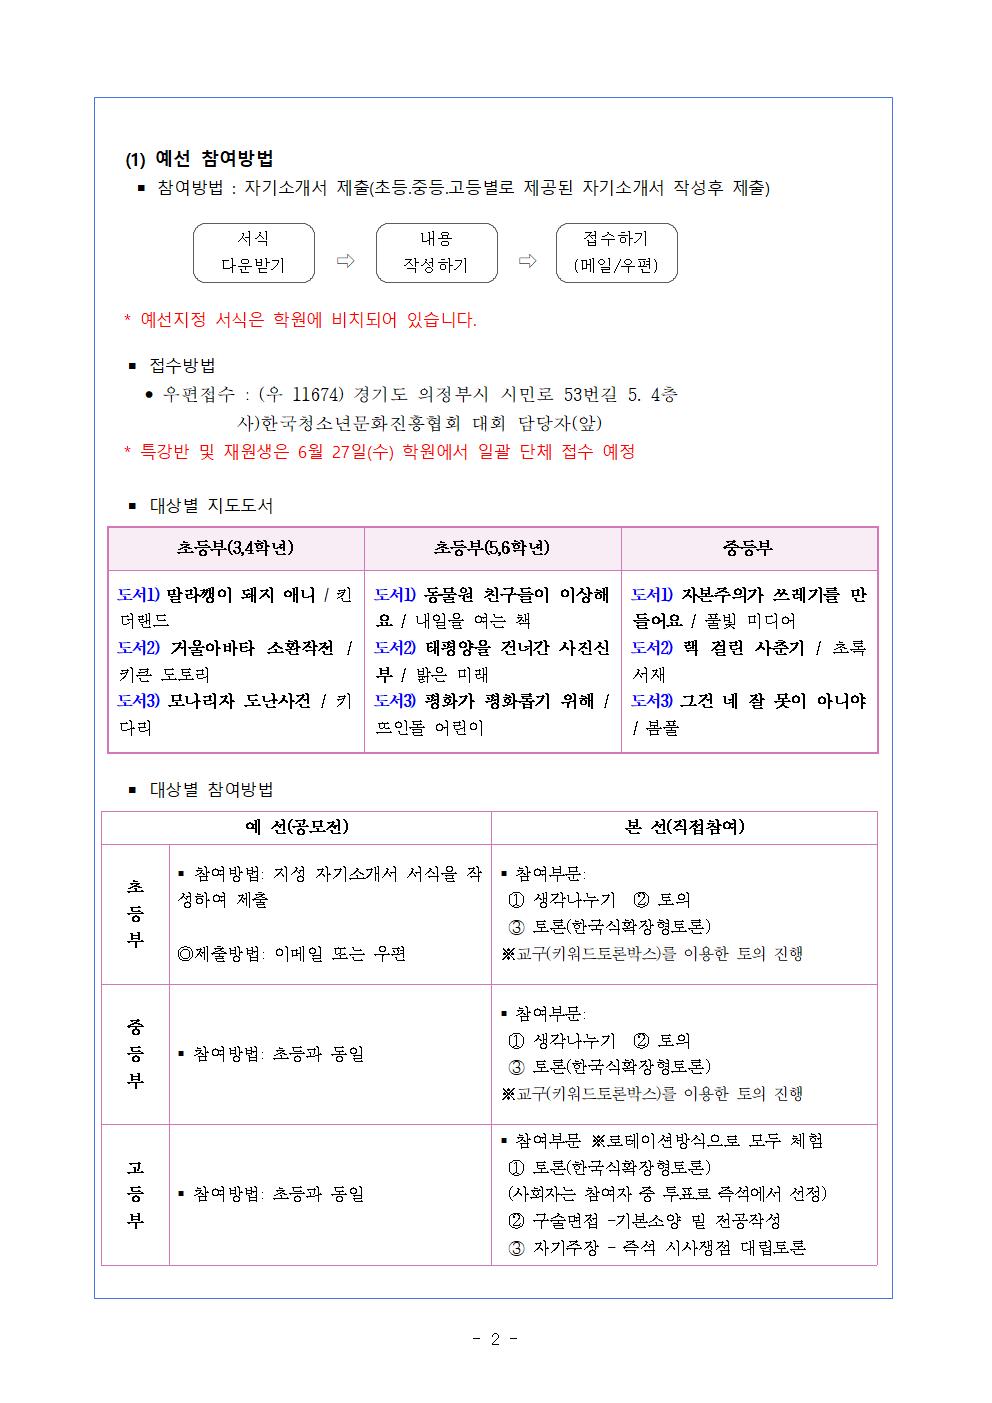 제16회전국청소년토론대회안내문(수정)002.png